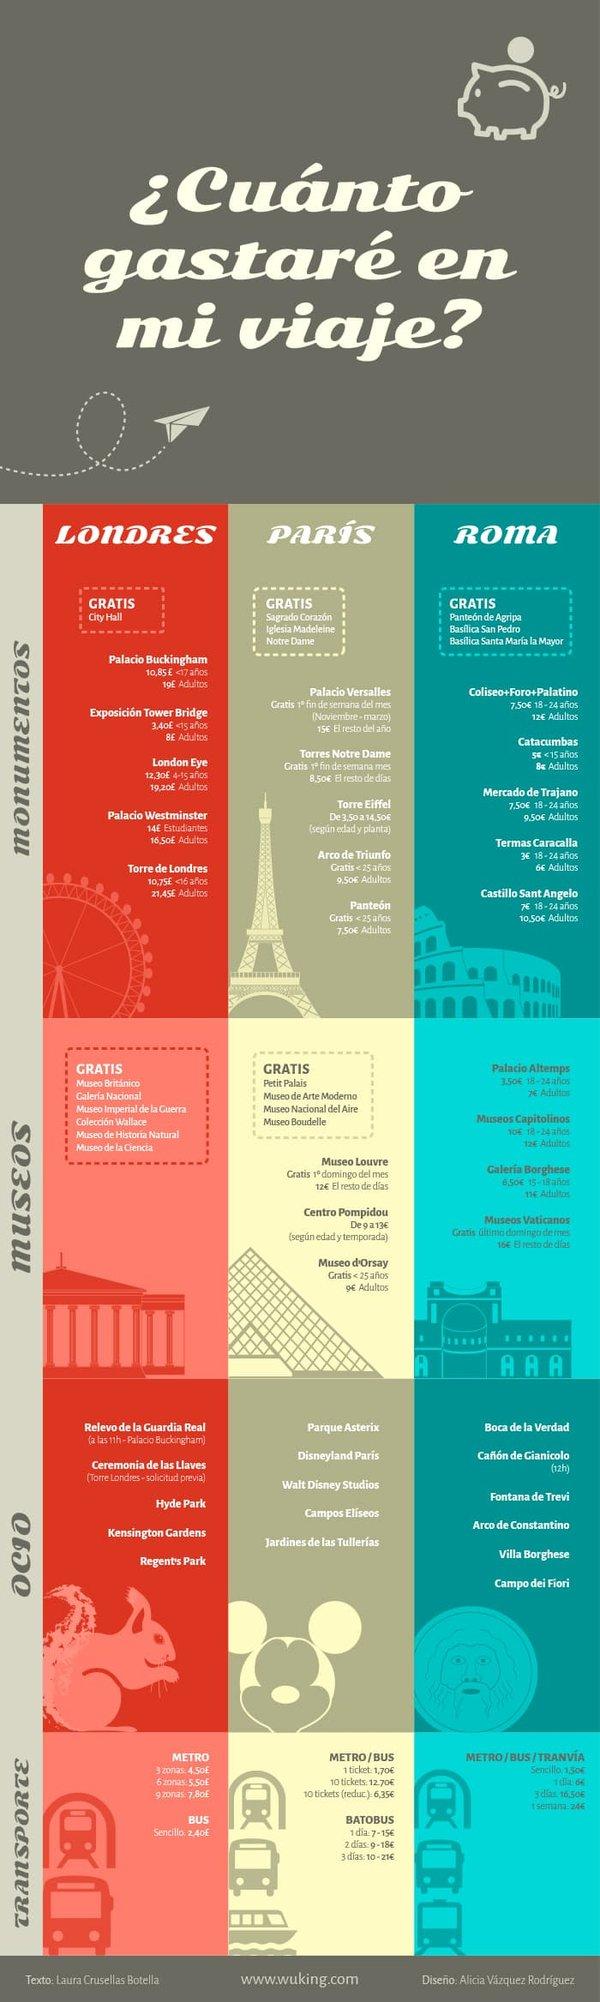 Ejemplo de infografía comparativa con datos de viaje para Londres, París y Roma